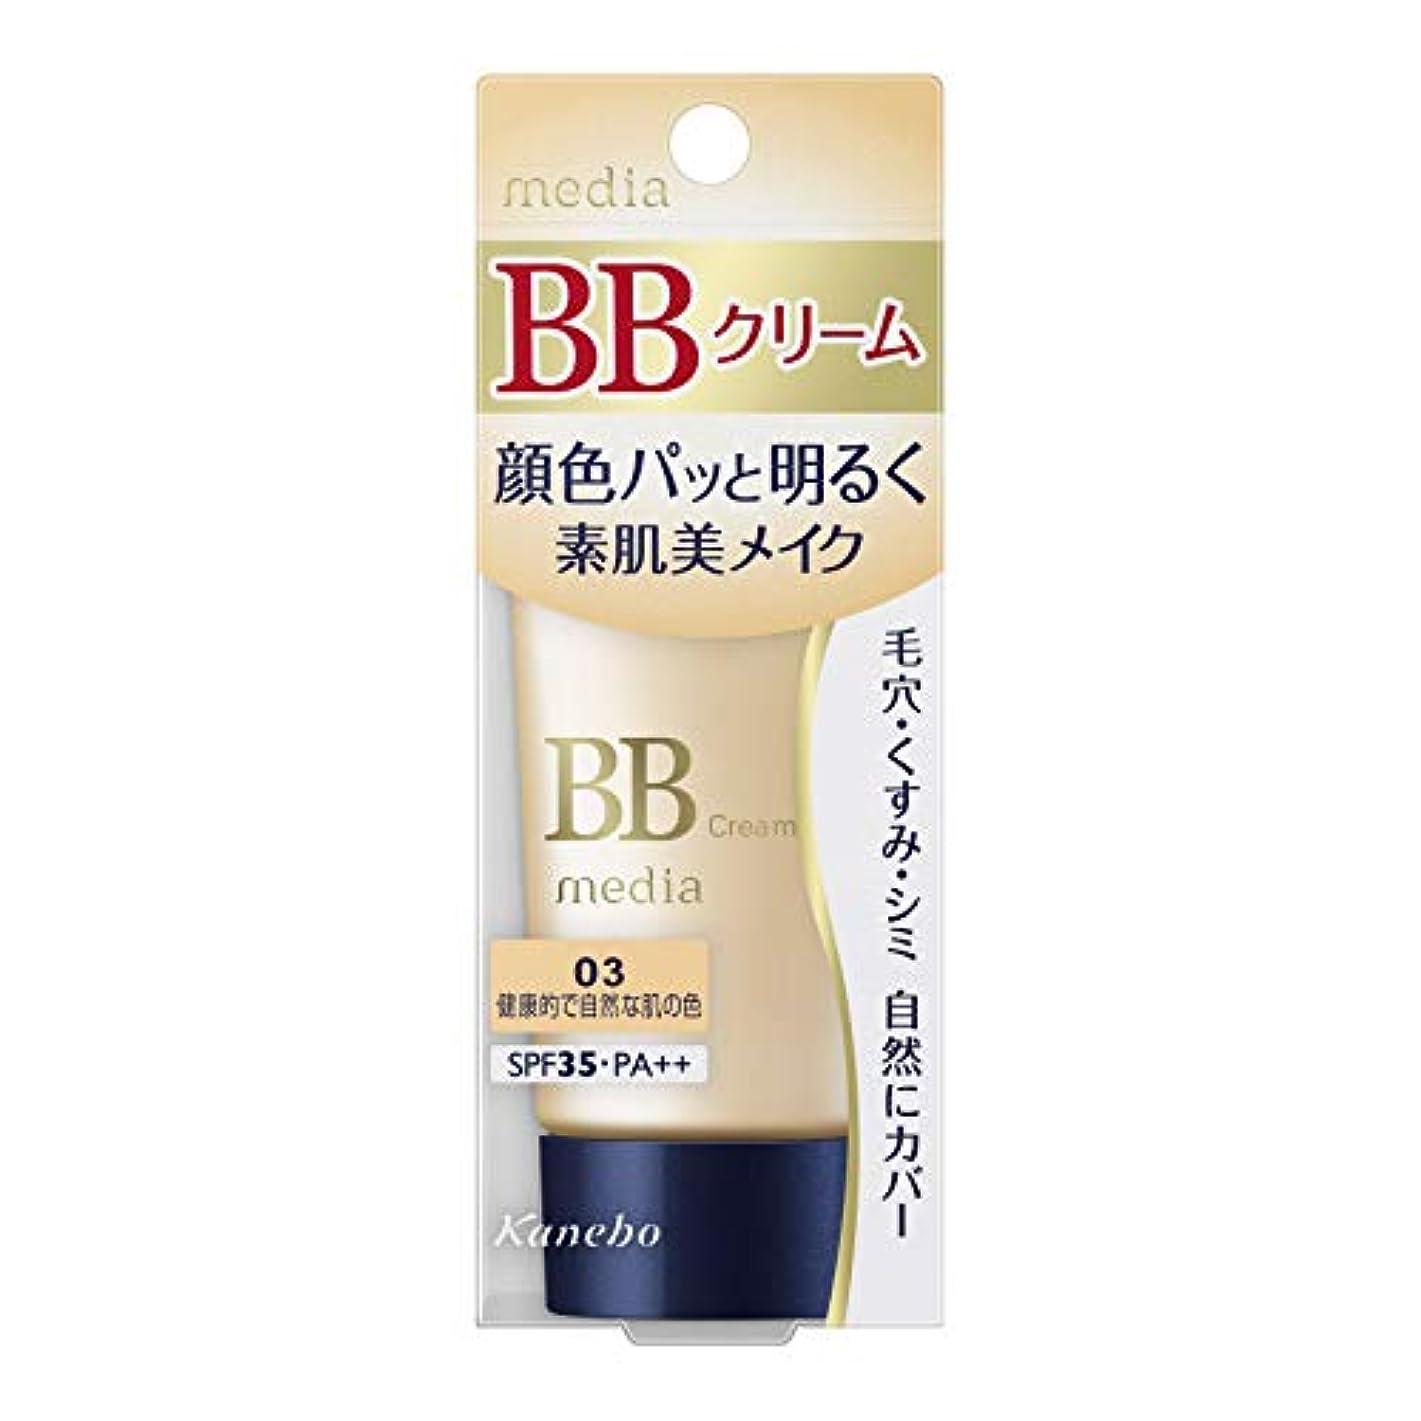 先史時代の怠な掃除カネボウ化粧品 メディア BBクリームS 03 35g